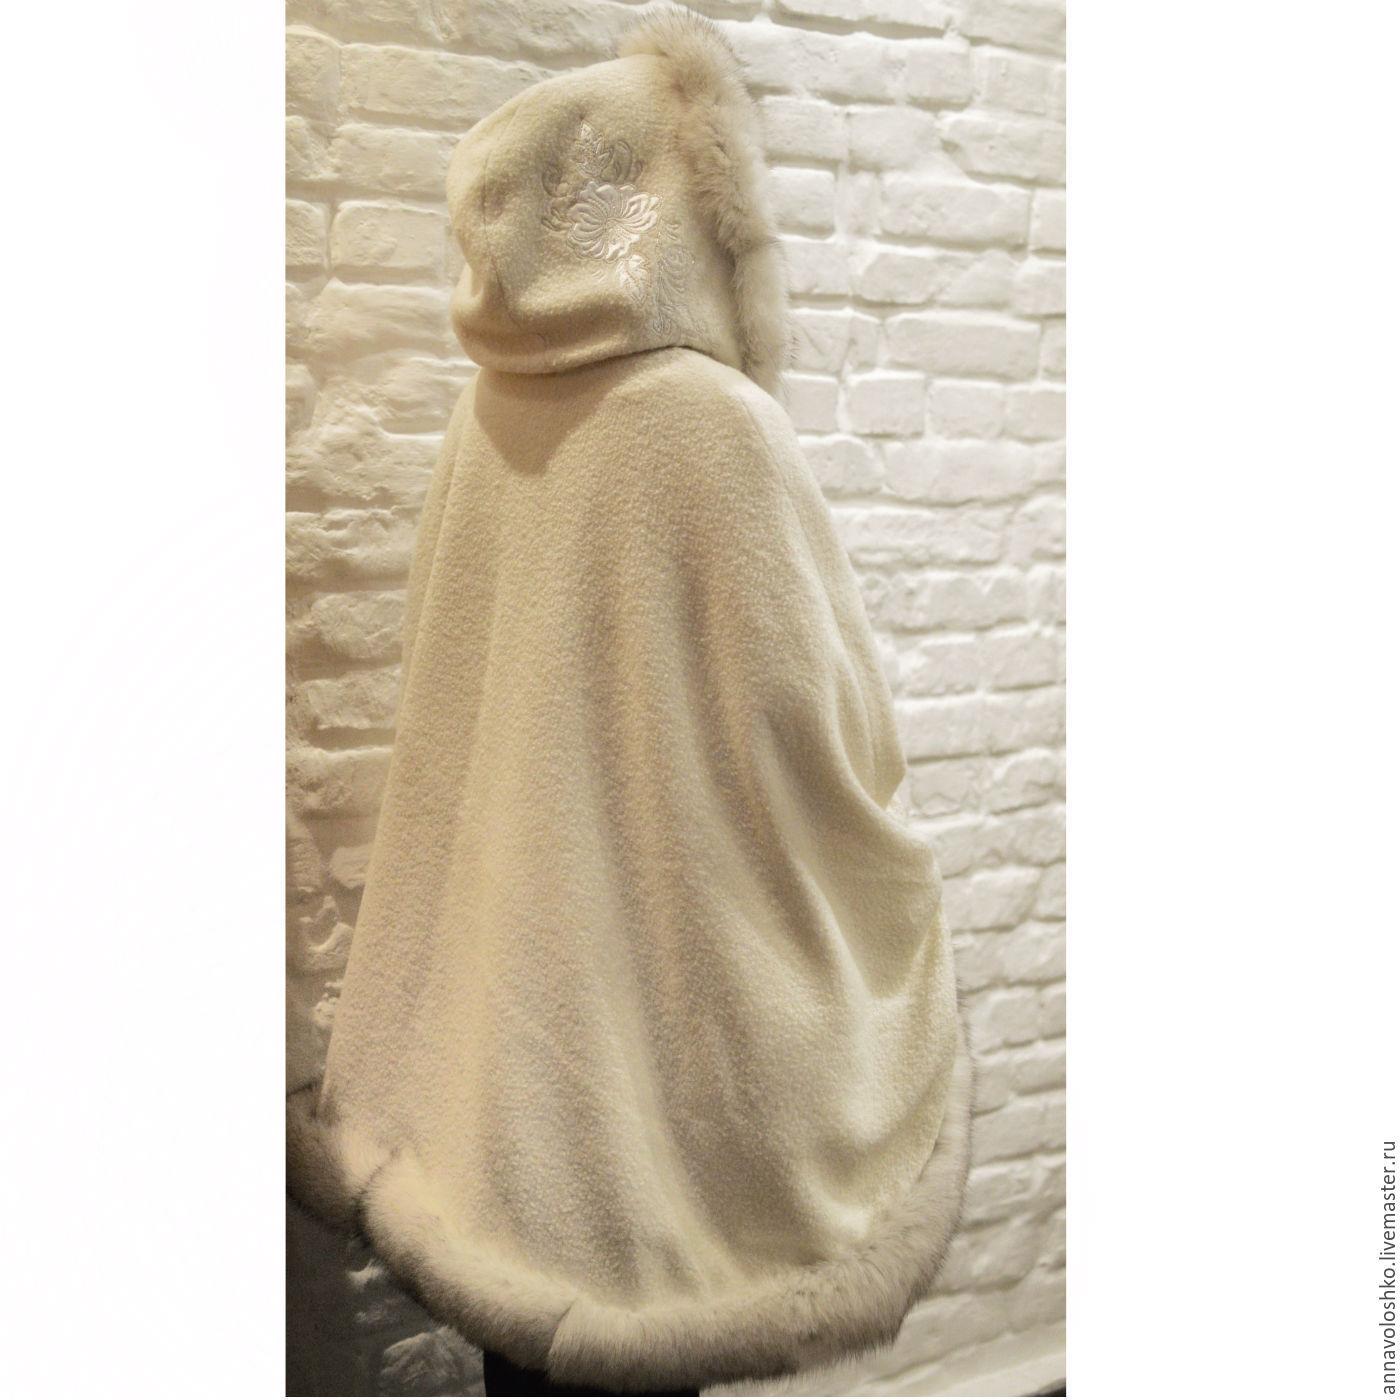 Подарки женщинам на новый год из шерсти